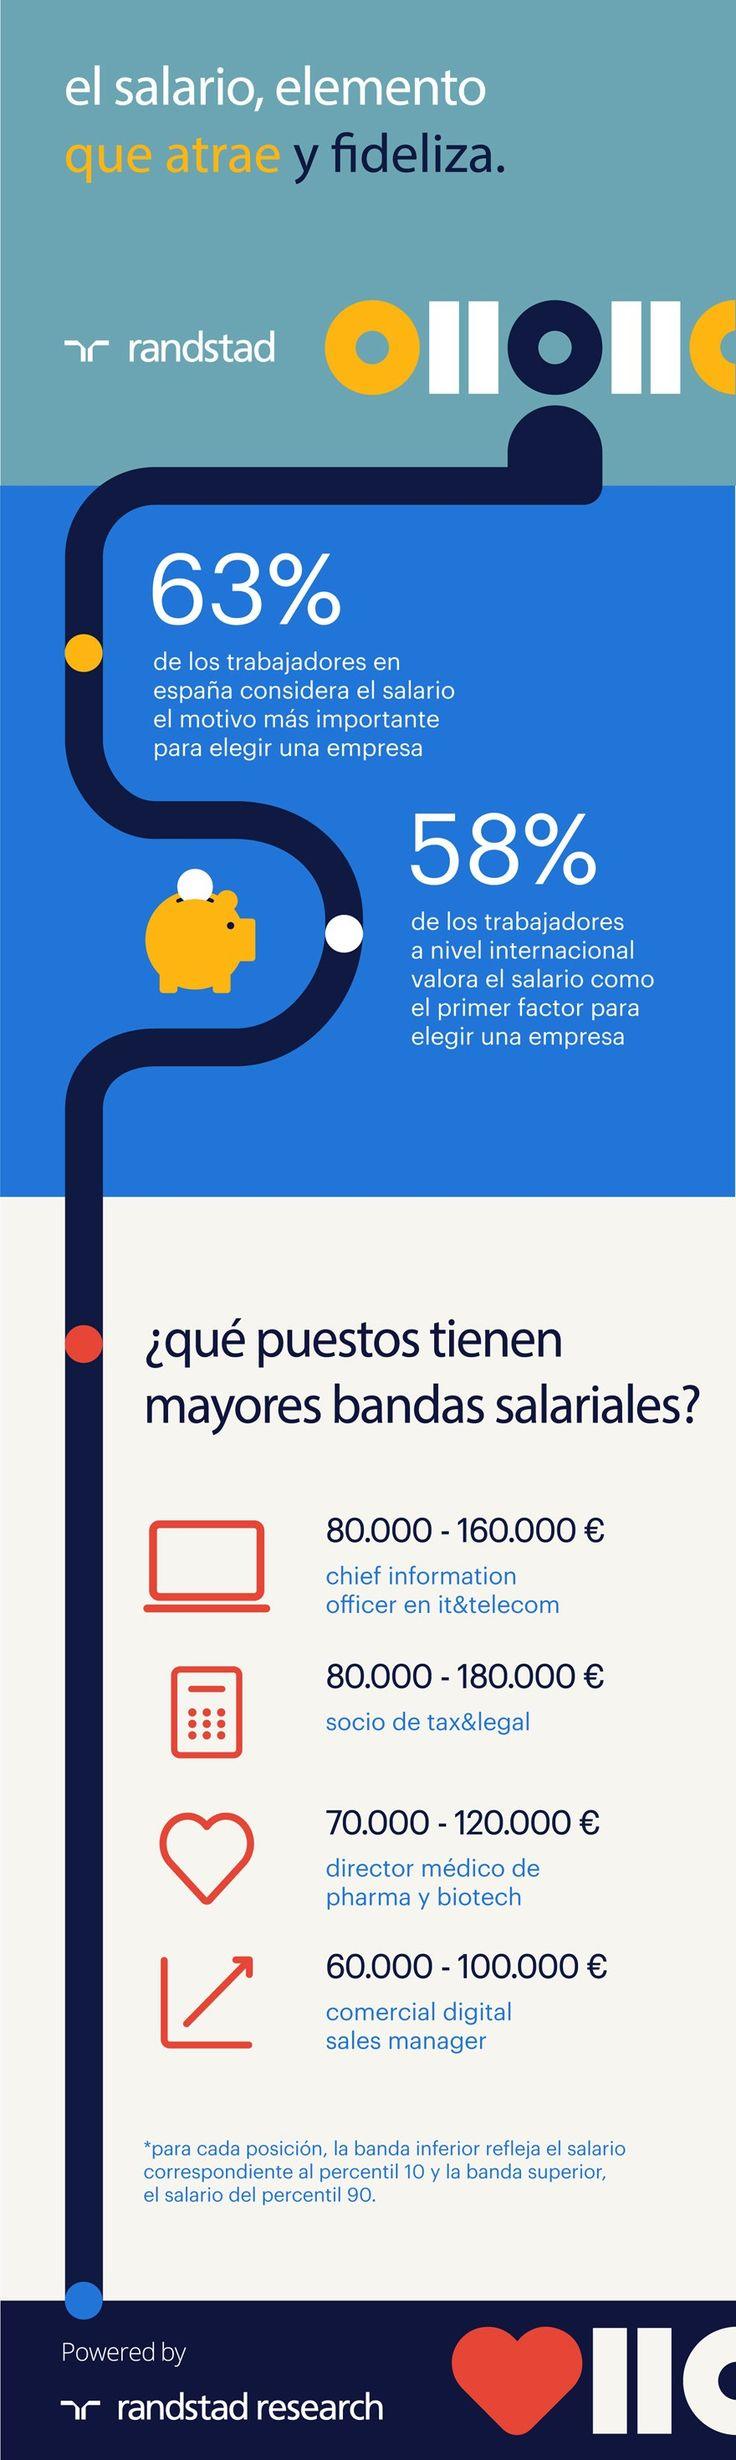 El salario: elemento para atraer y fidelizar talento #infografia